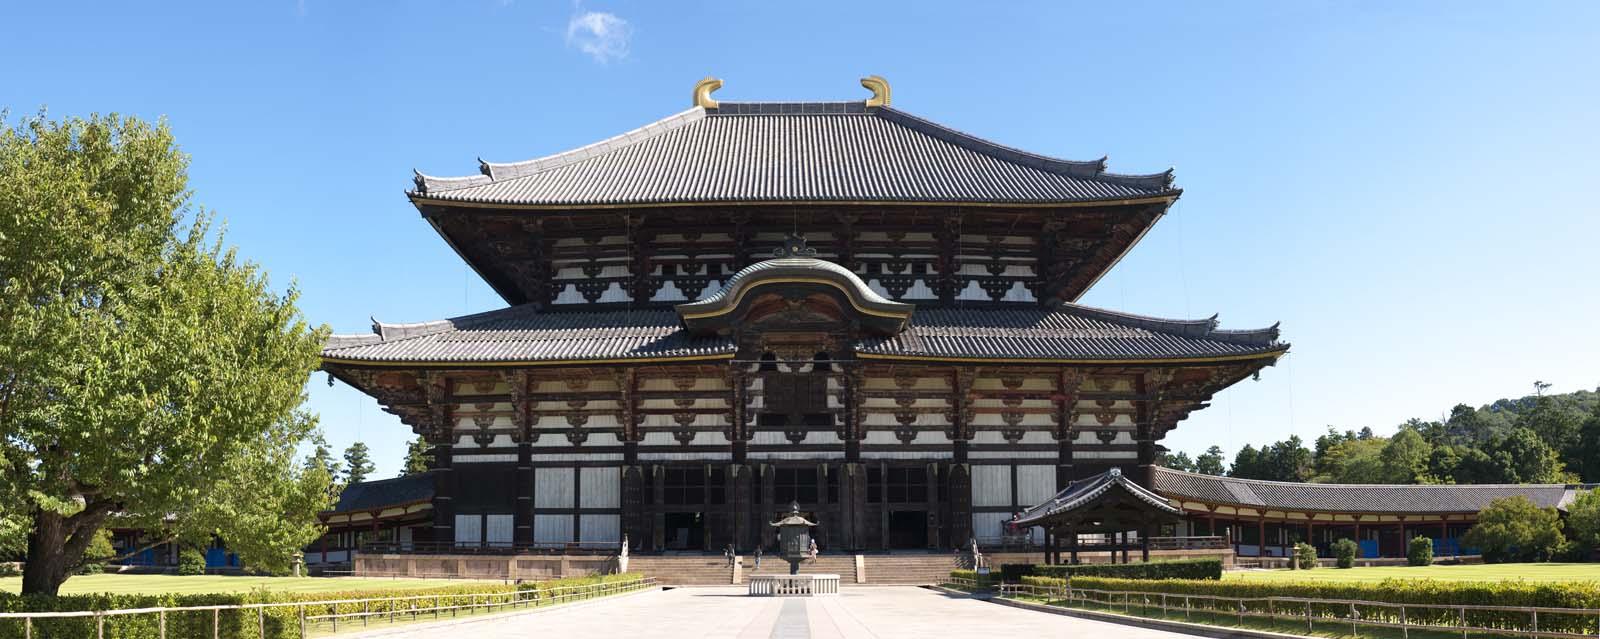 fotografia, material, livra, ajardine, imagine, proveja fotografia,O templo de Todai-ji Hall do grande Buda, grande est�tua de Buda, edif�cio de madeira, Budismo, templo